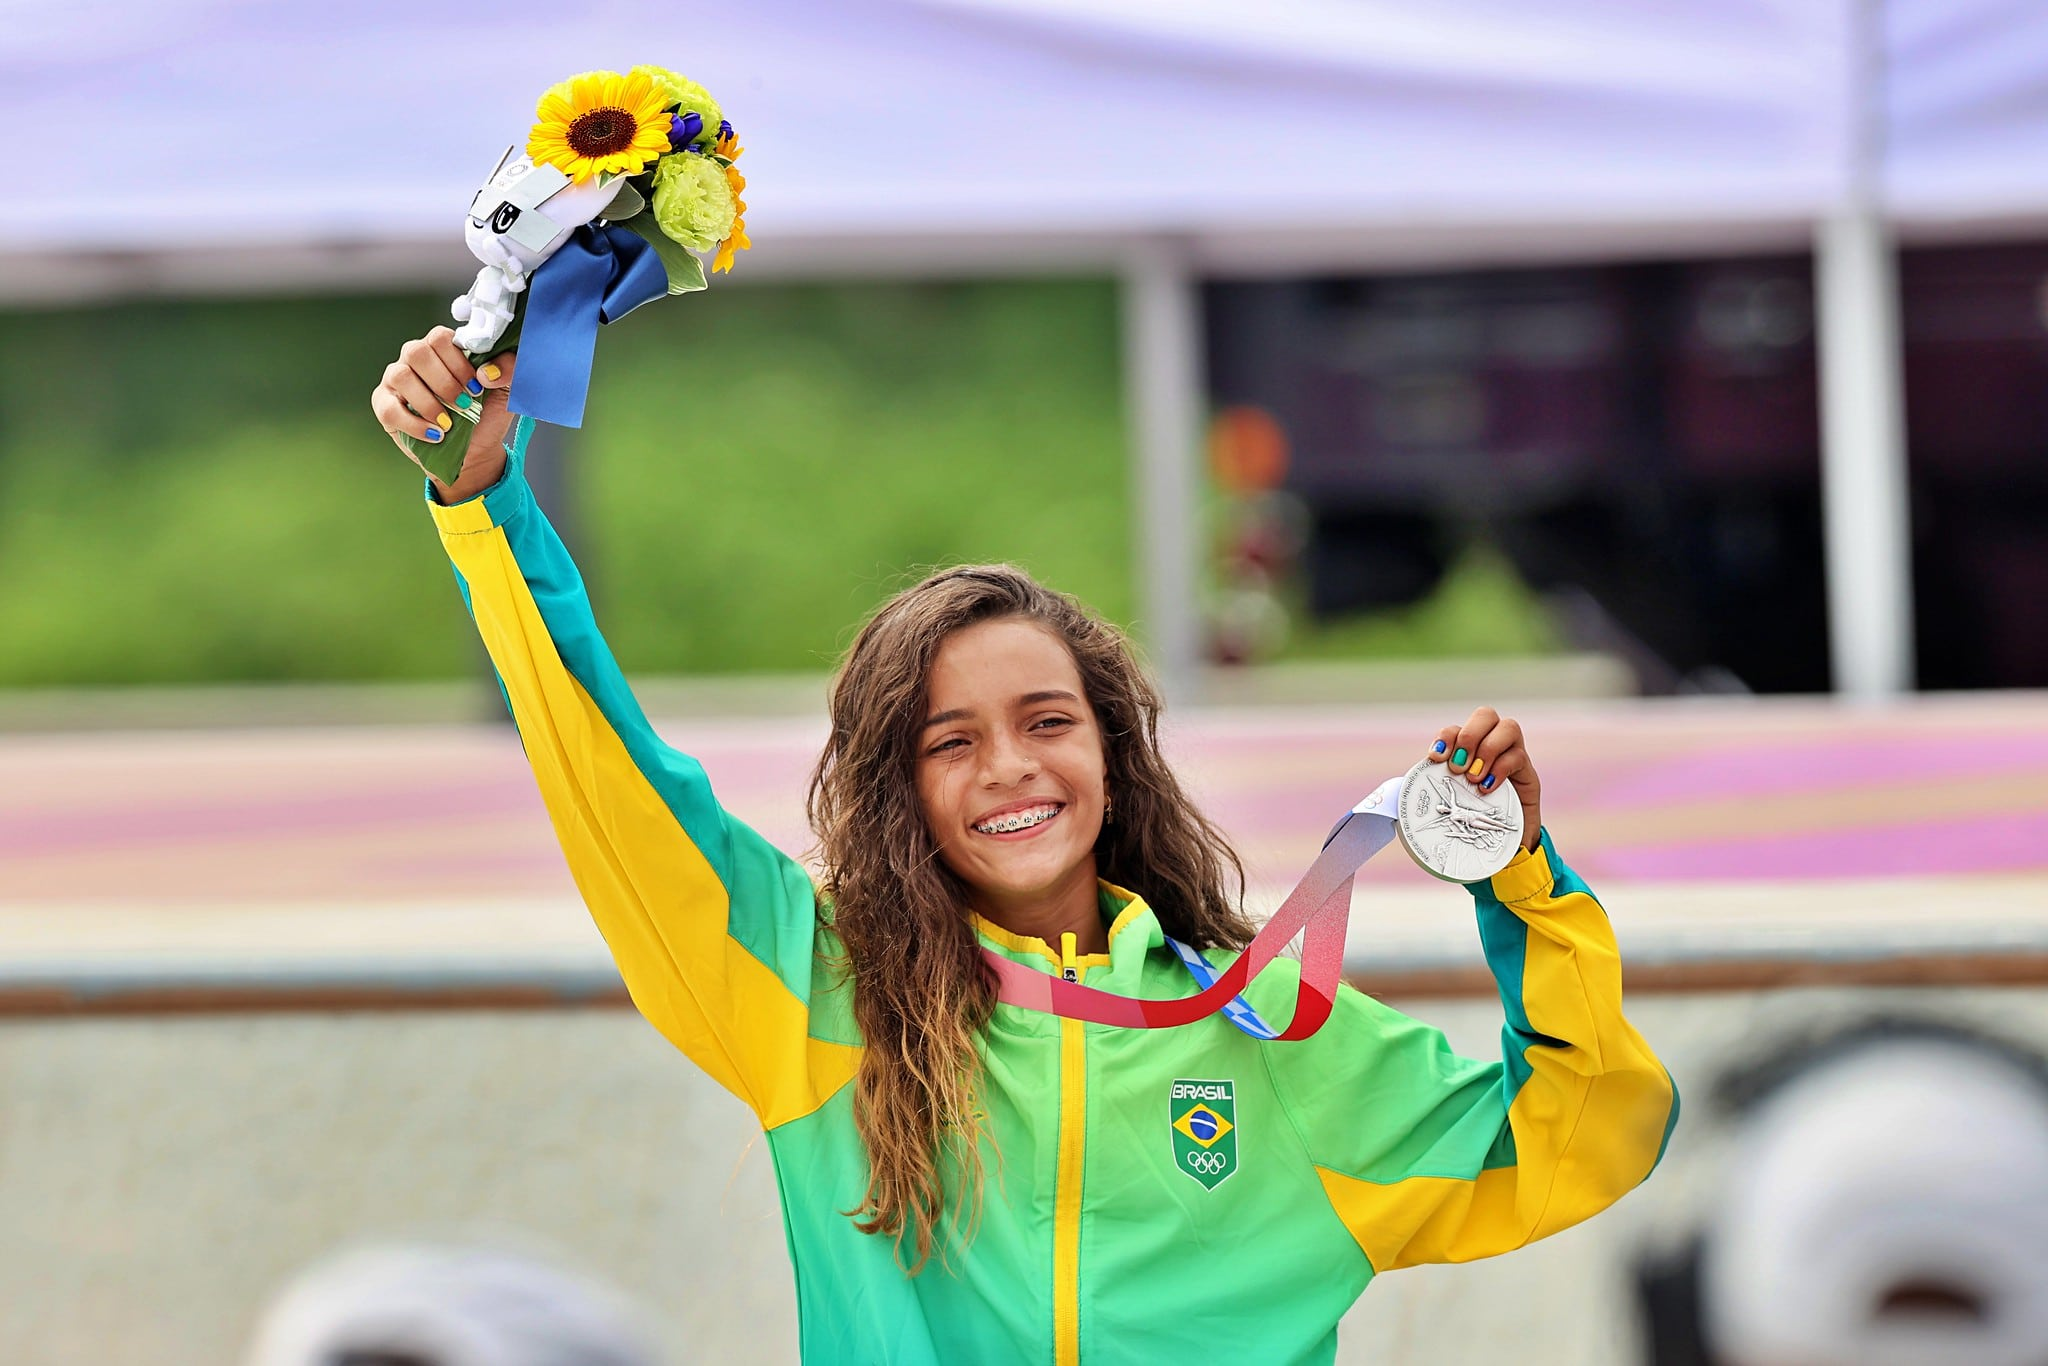 IMAGEM: Medalhista de 13 anos pede para fãs não irem a aeroporto por causa da Covid